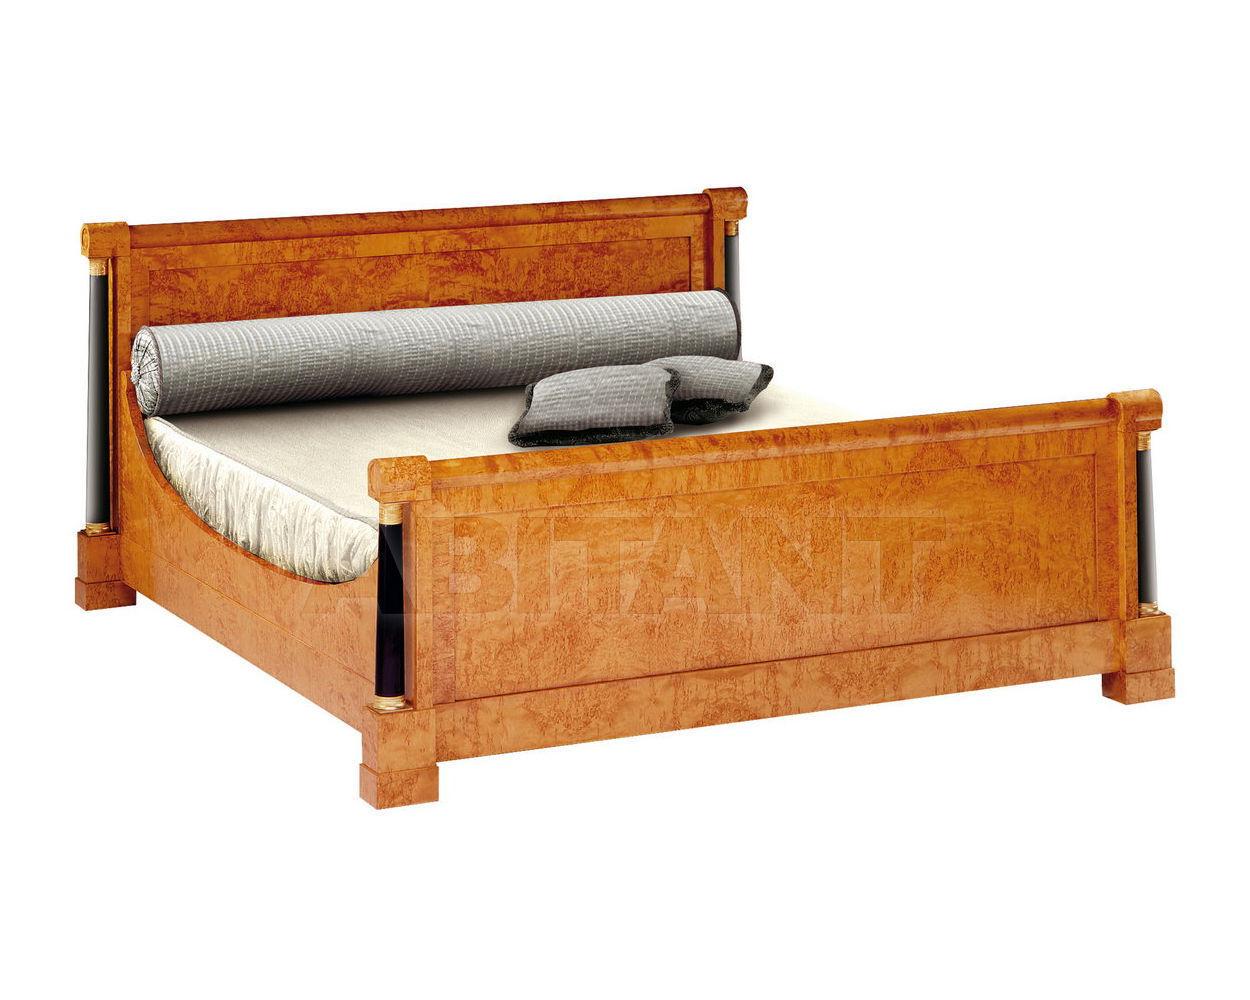 Купить Кровать Colombostile s.p.a. 2010 LM 6938